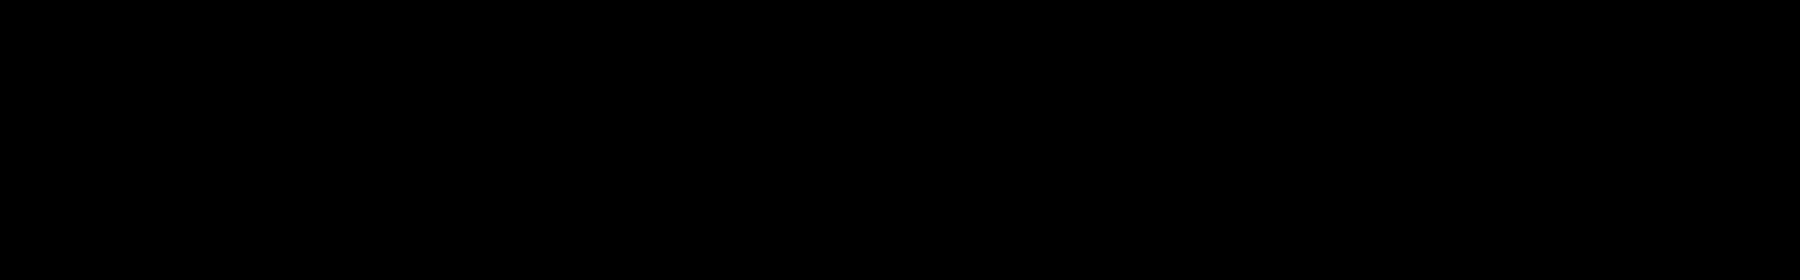 Lo-Fi Empire audio waveform